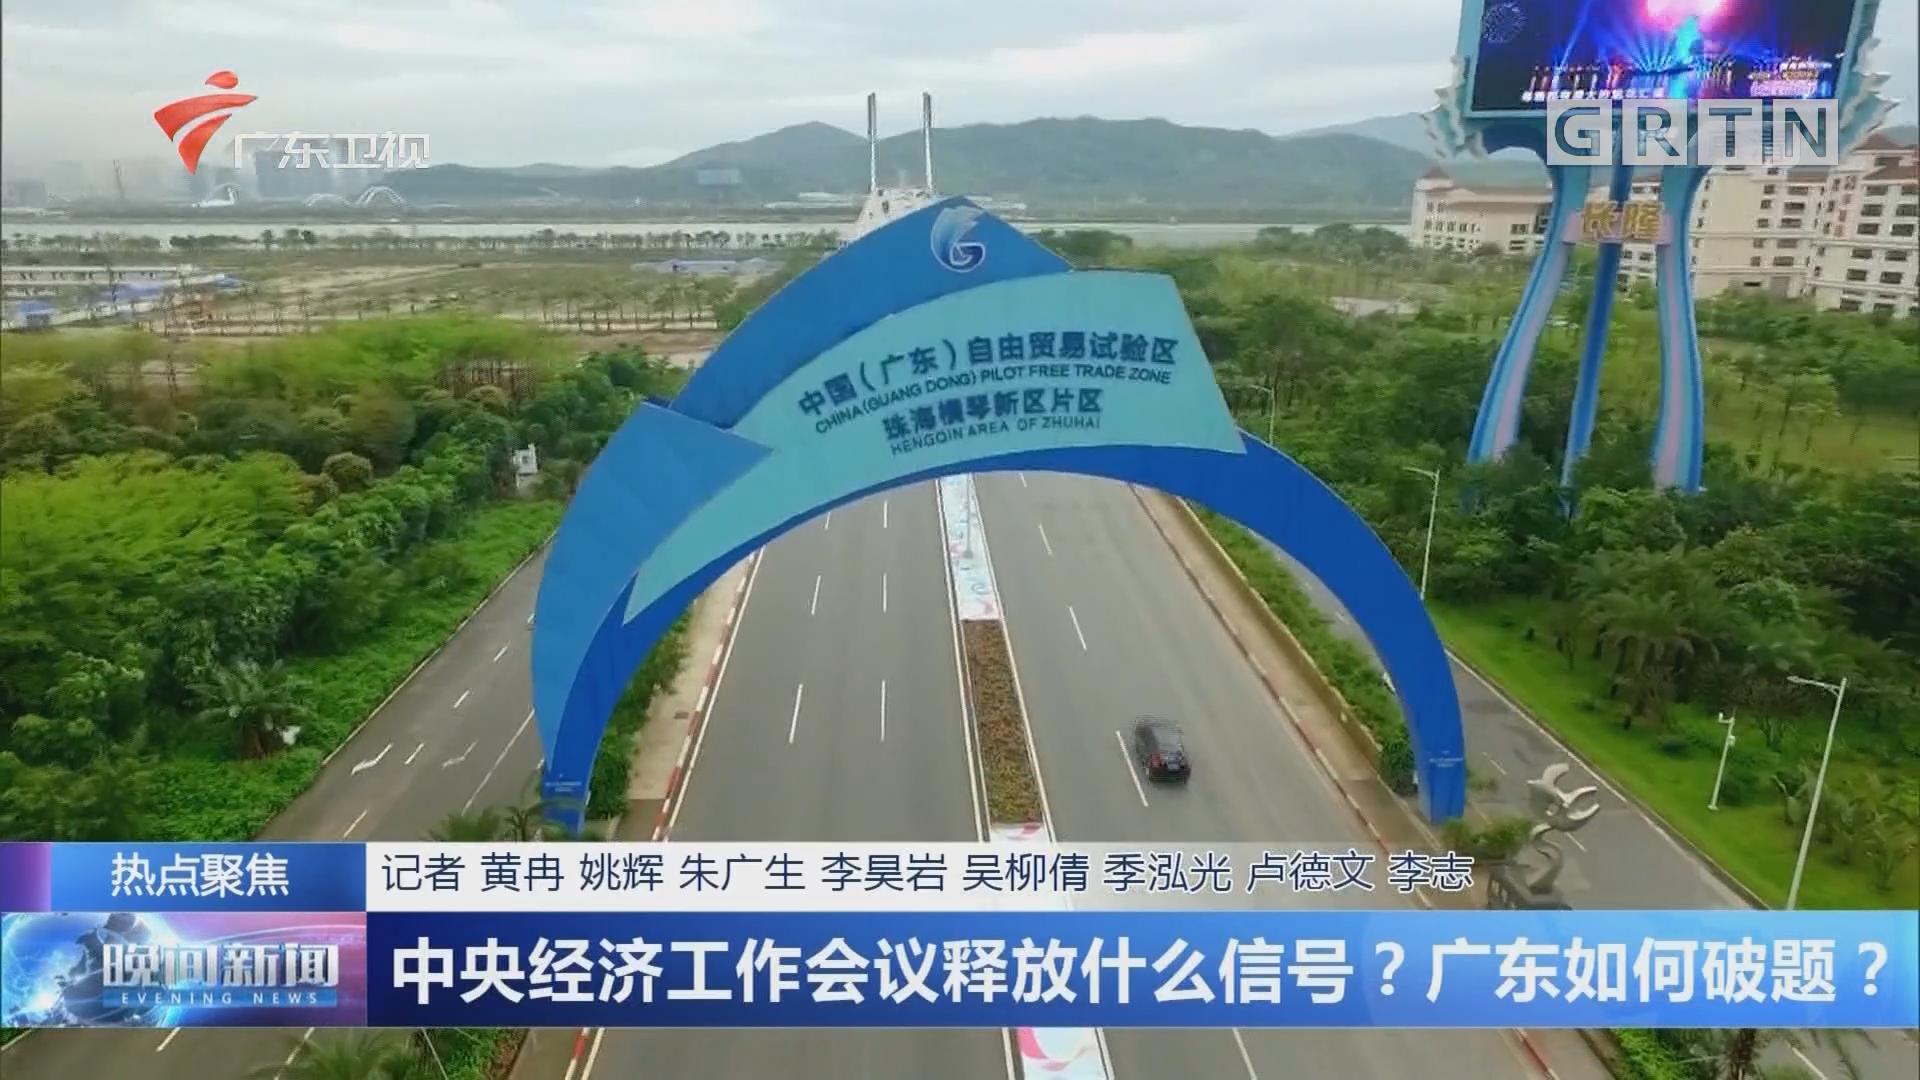 中央经济工作会议释放什么信号?广东如何破题?